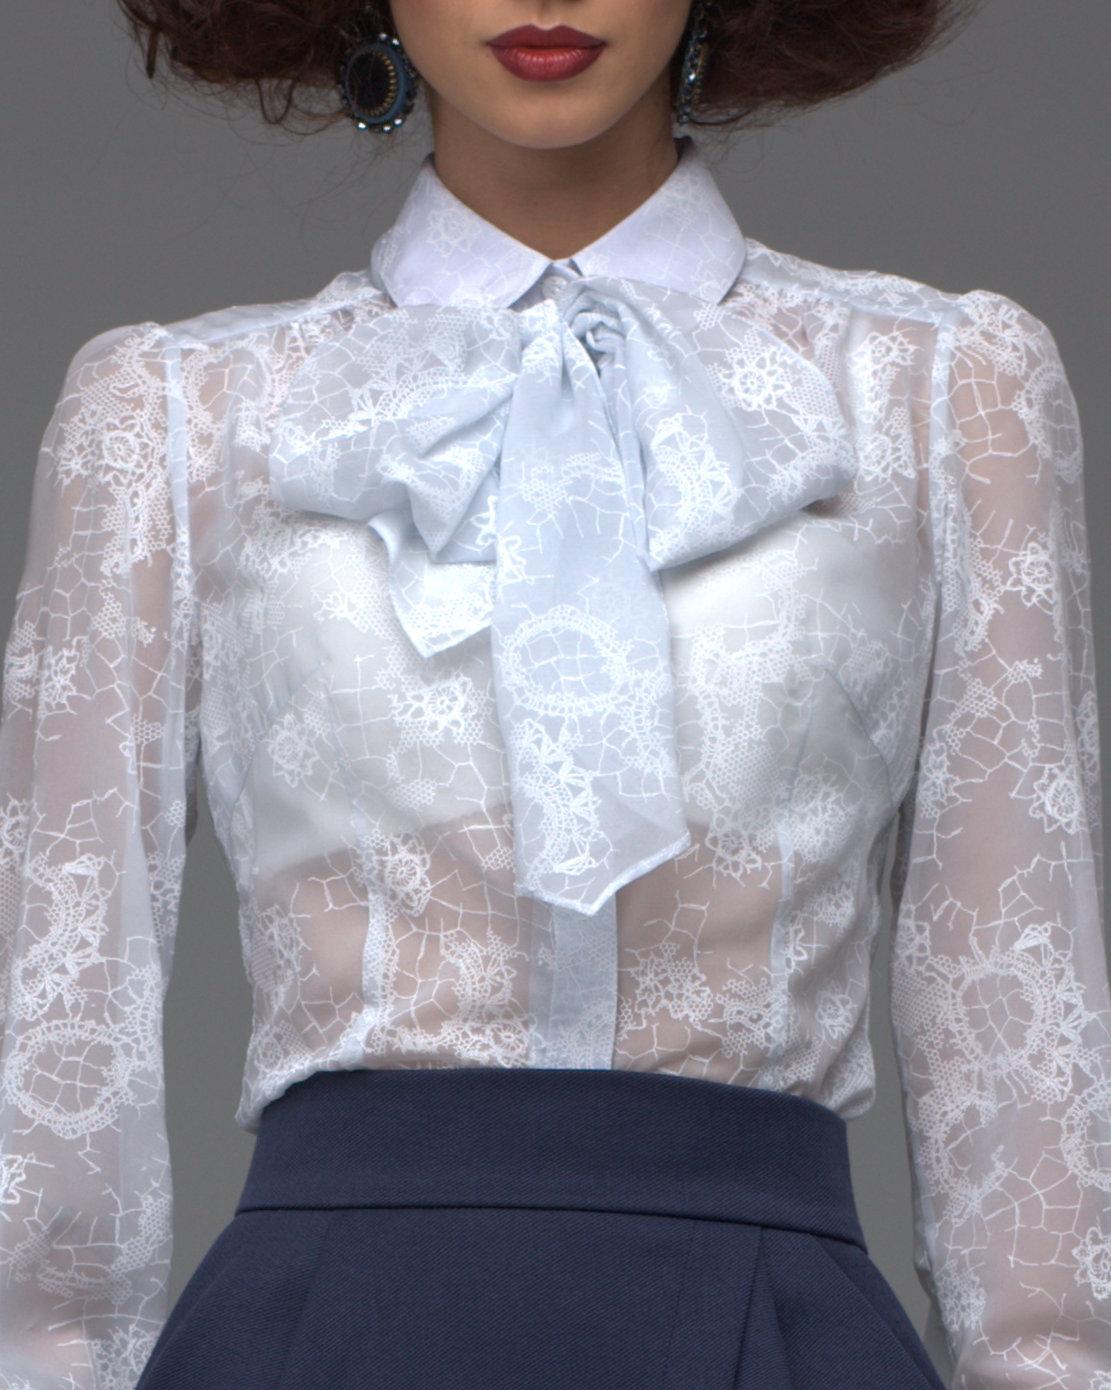 Блузка С Запонками В Волгограде